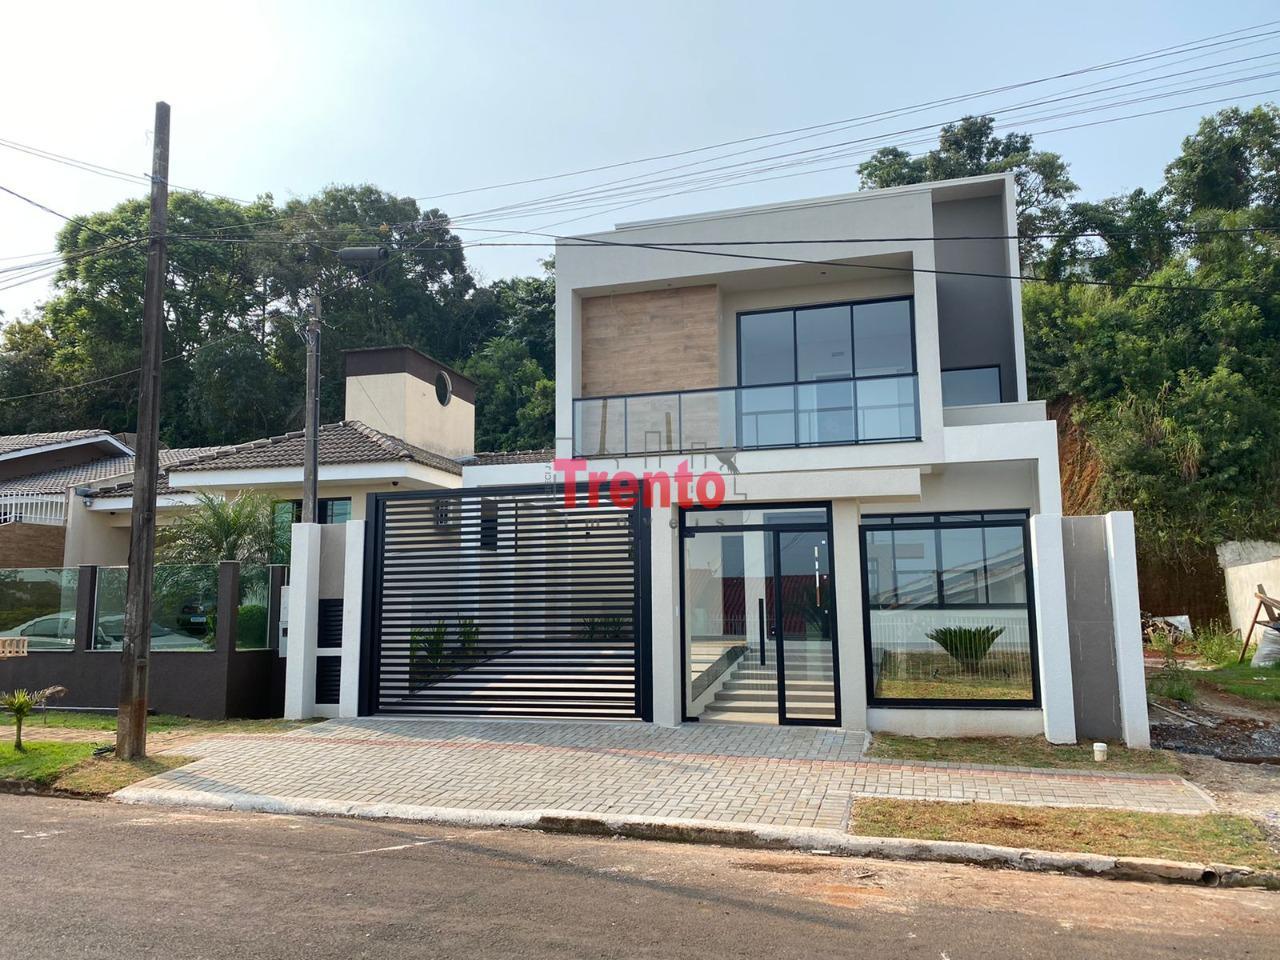 SOBRADO DE ALTO PADRÃO - BAIRRO LA SALLE, PATO BRANCO - PR - PATO BRANCO/PR